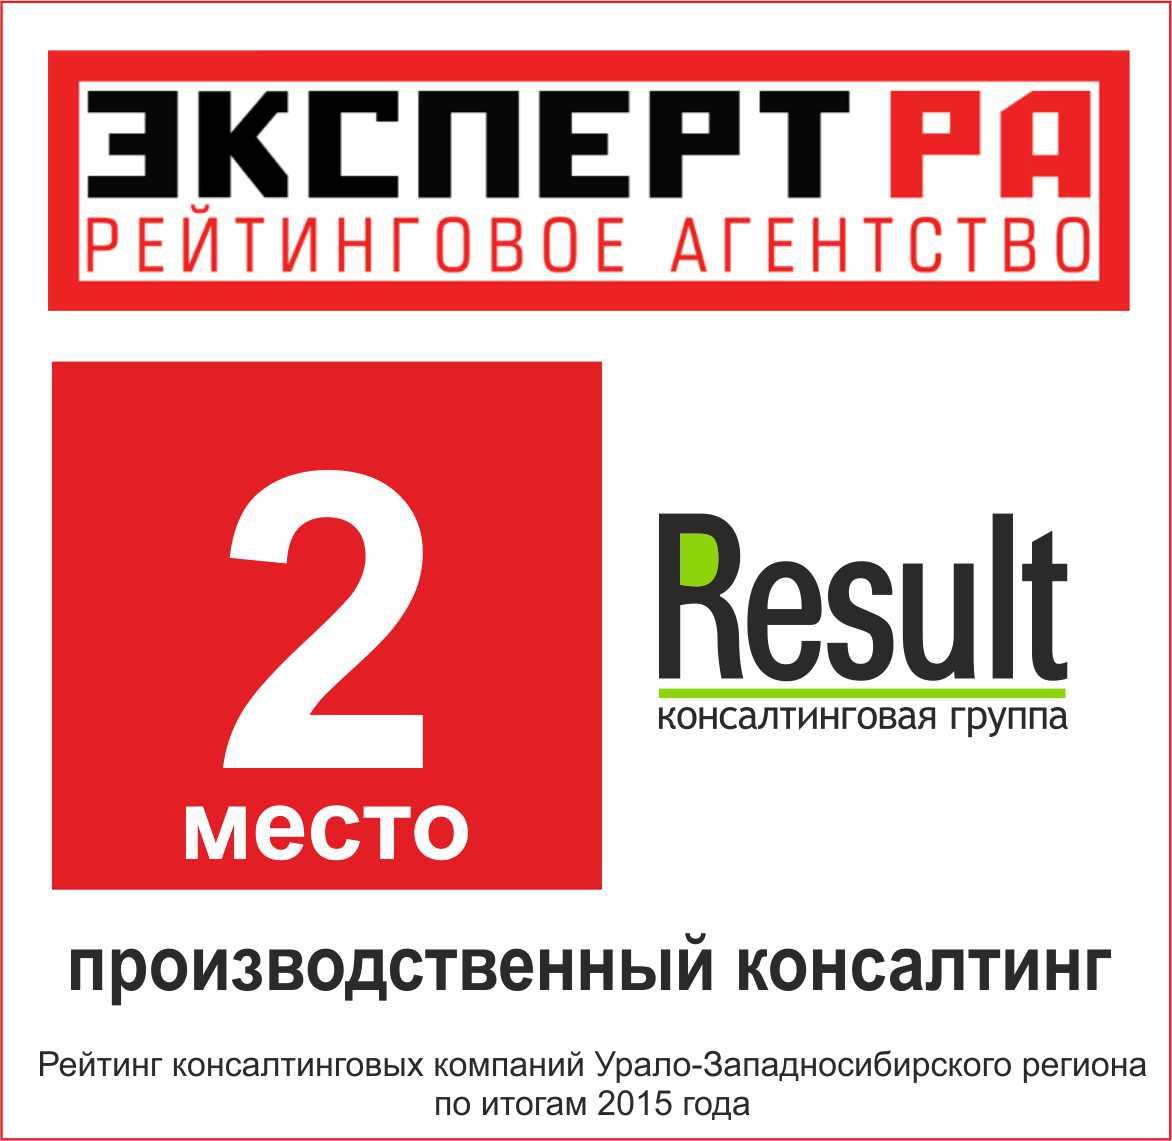 Рейтинг - производственный консалтинг 2015 - Резалт занял 2-е место!